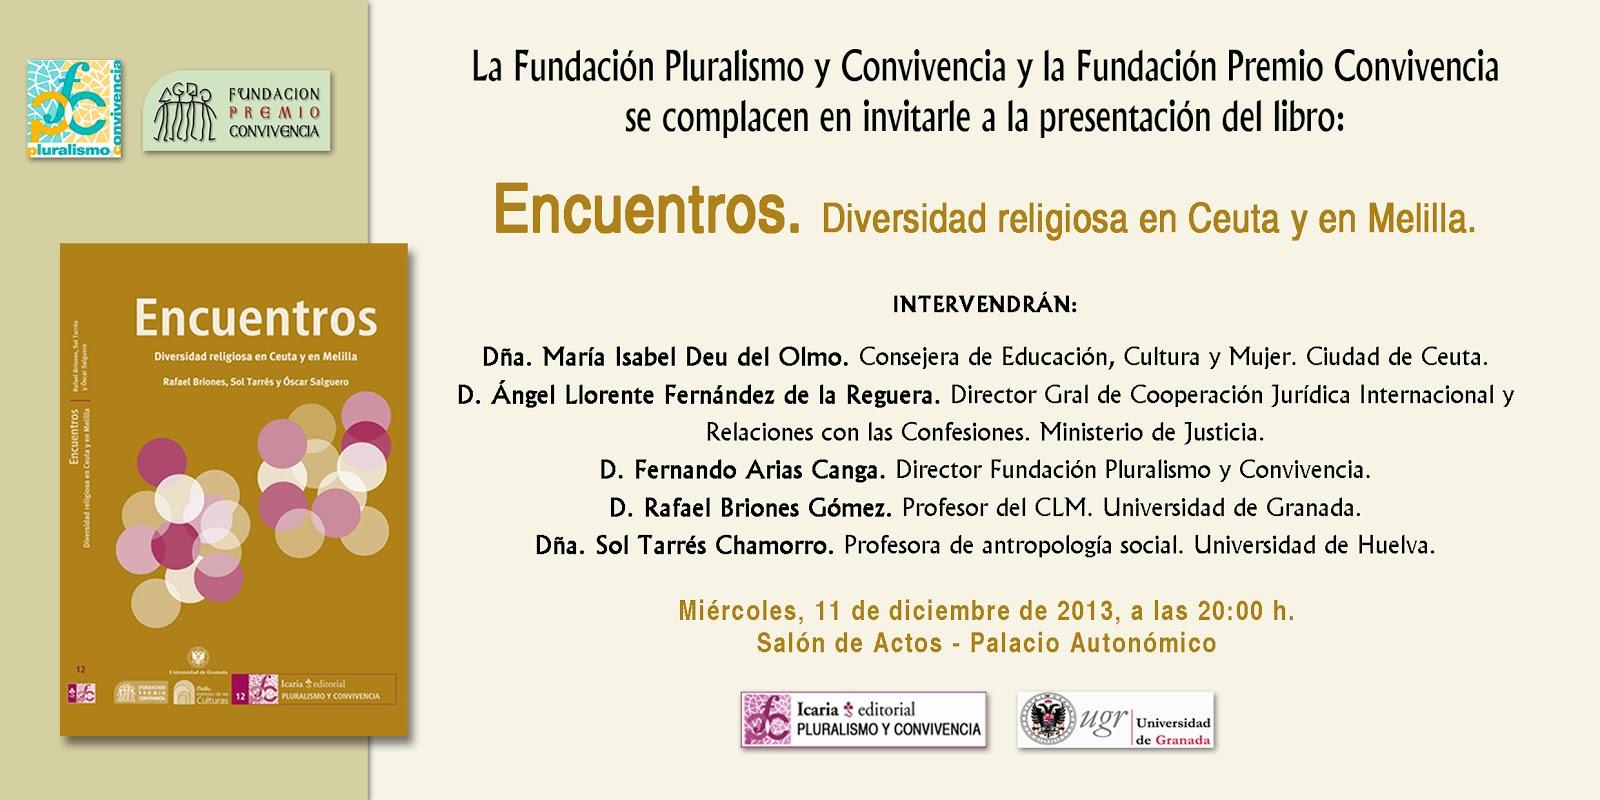 """Presentación del libro: """"Encuentros. Diversidad religiosa en Ceuta y Melilla""""."""